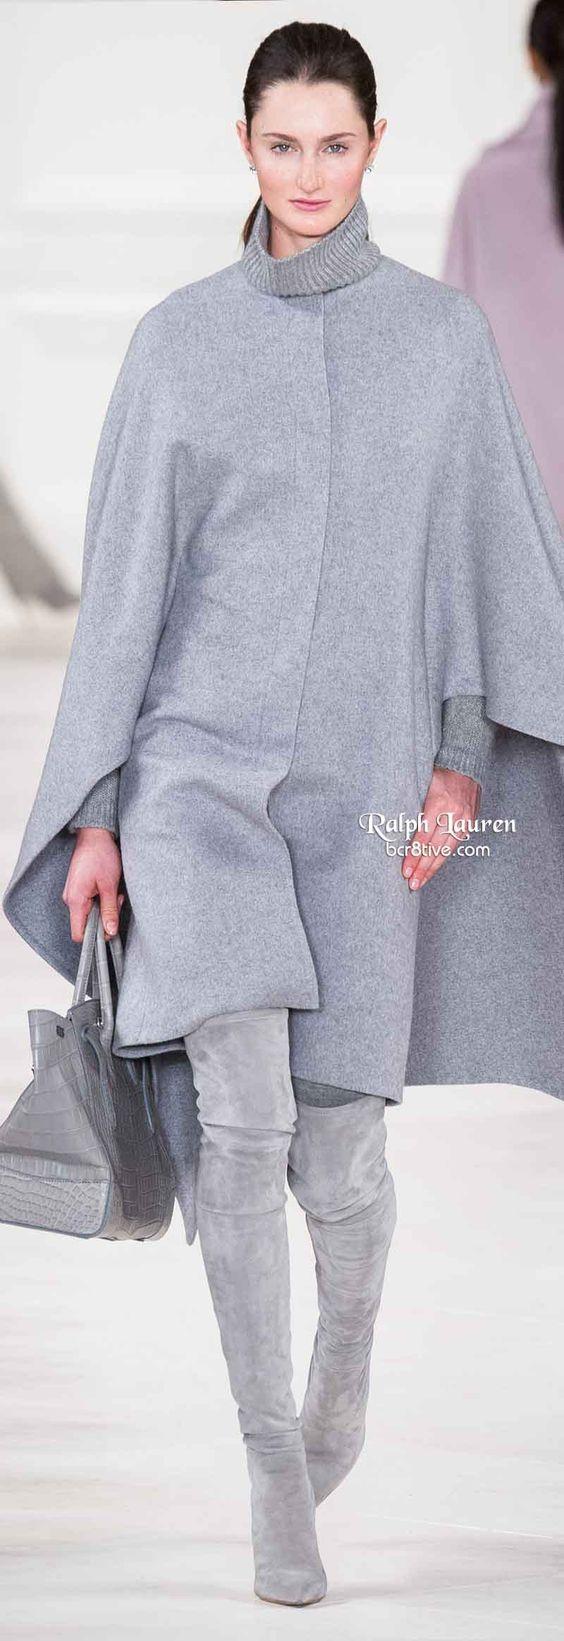 Ralph Lauren Fall 2014